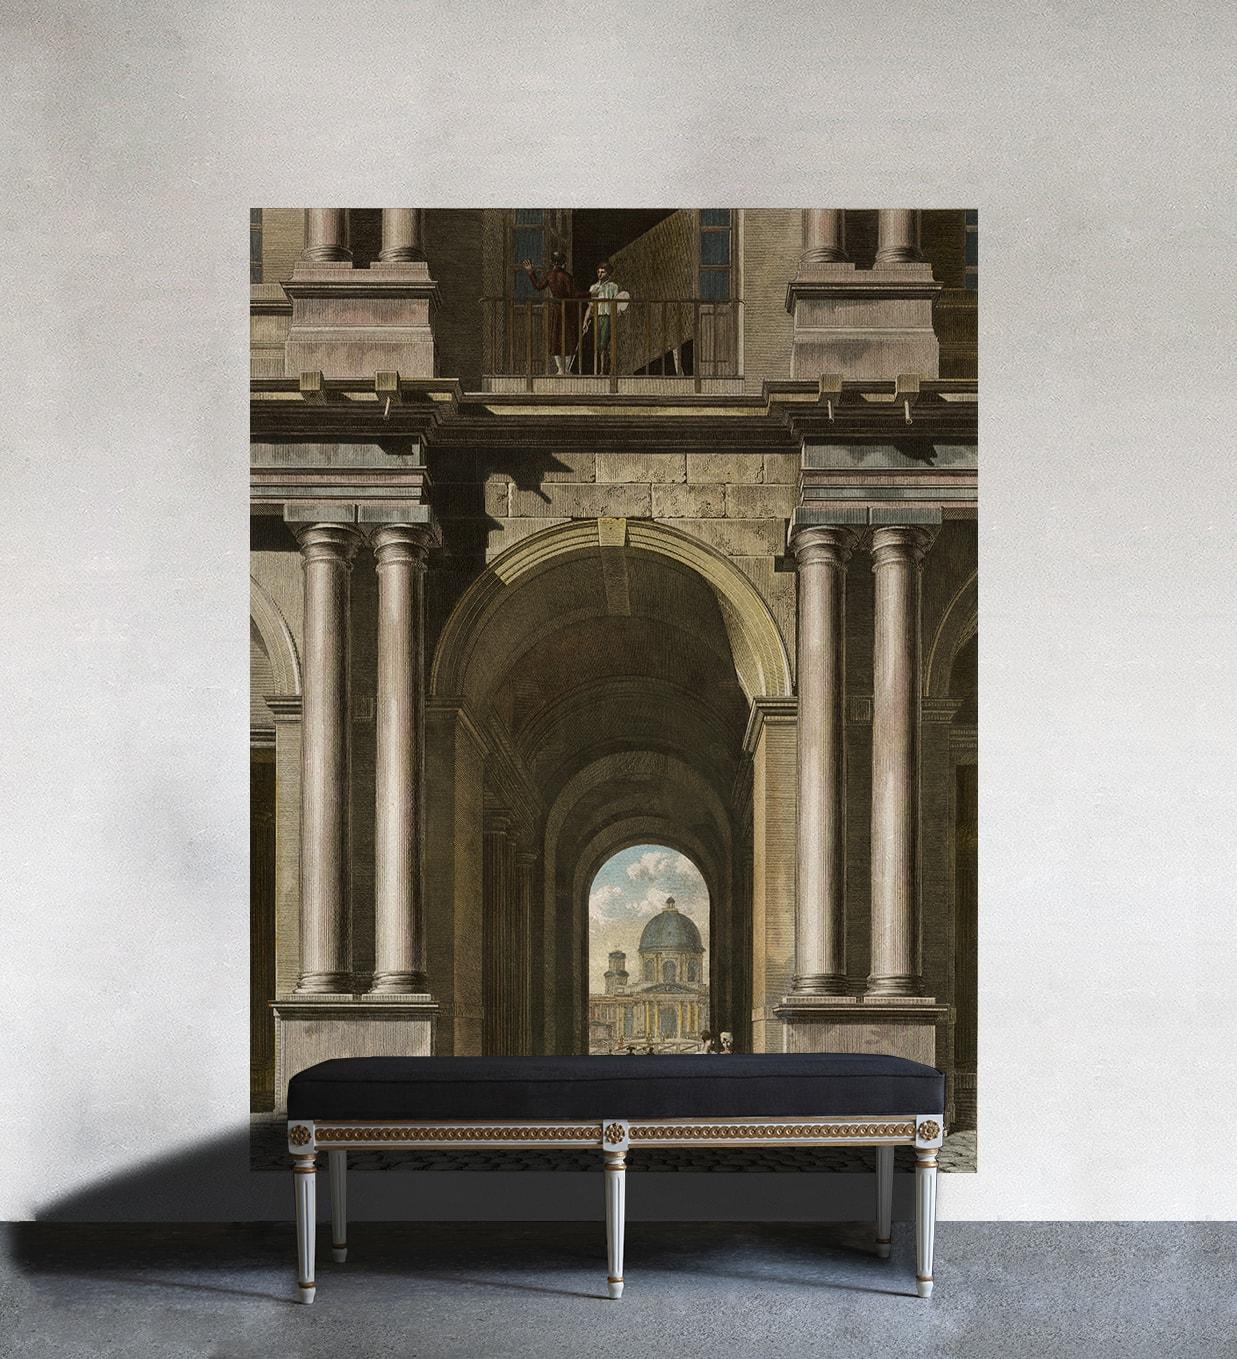 LOUVRE-A-Panoramic-Elusio-Antique-Design-product.jpg